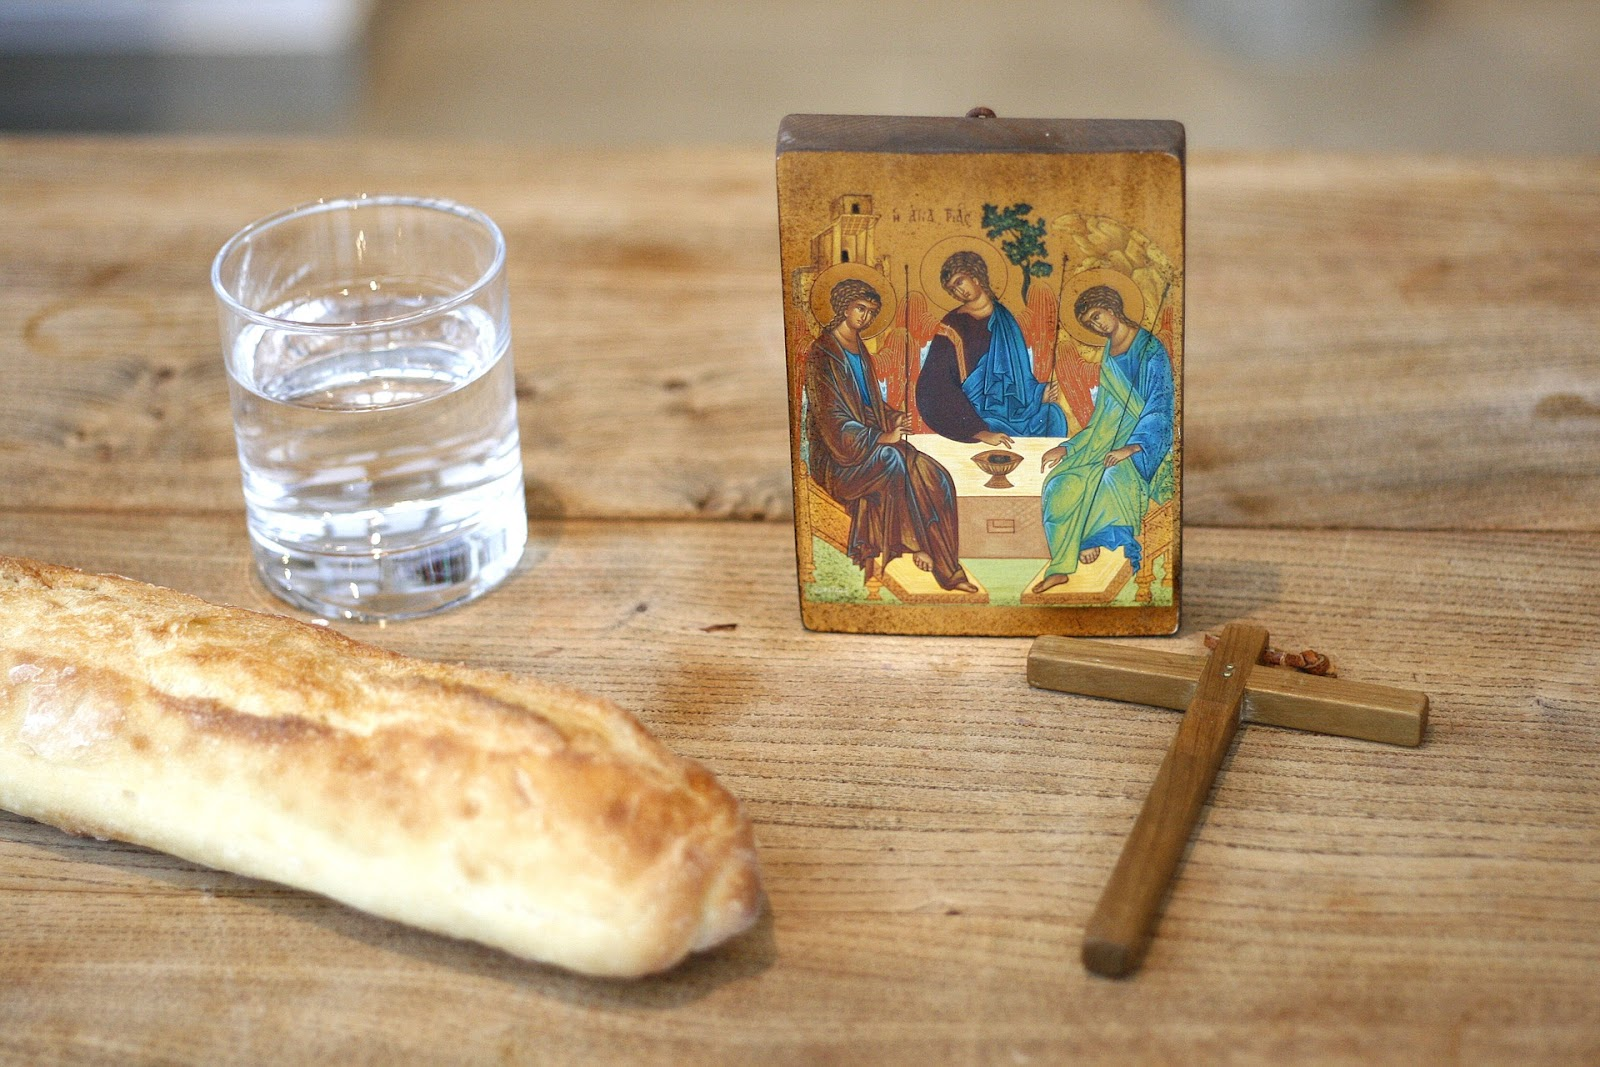 St. John Chrysostom on fasting